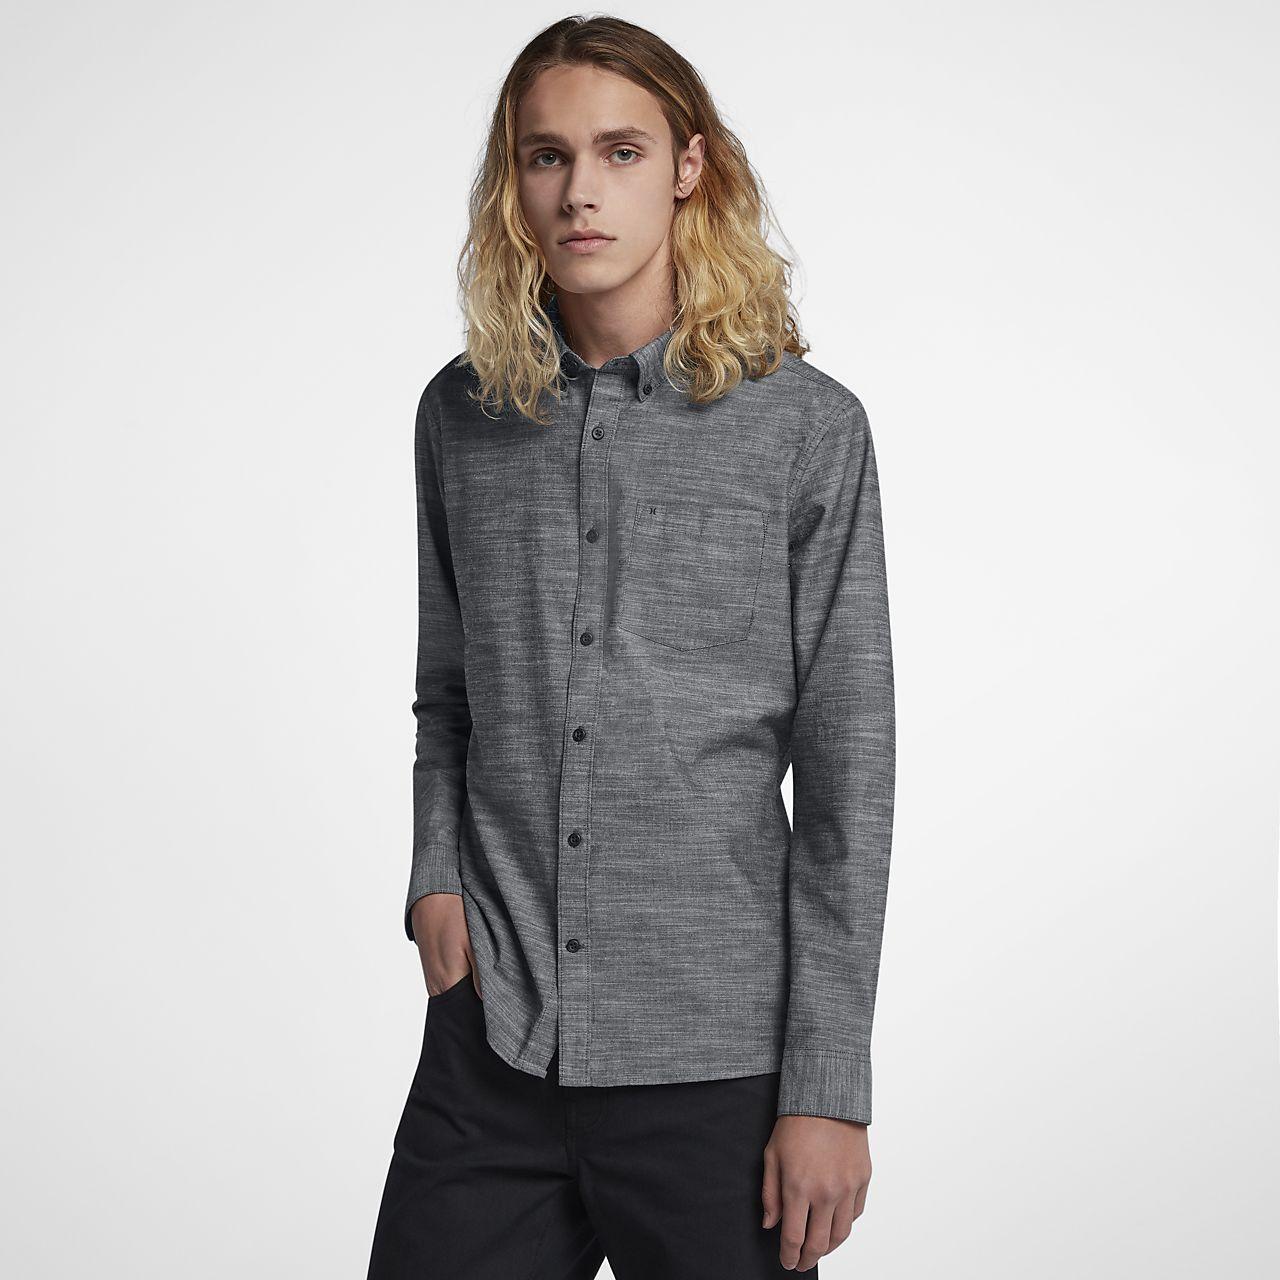 66fa386c3f91 Pánská košile Hurley One And Only s dlouhým rukávem. Nike.com CZ